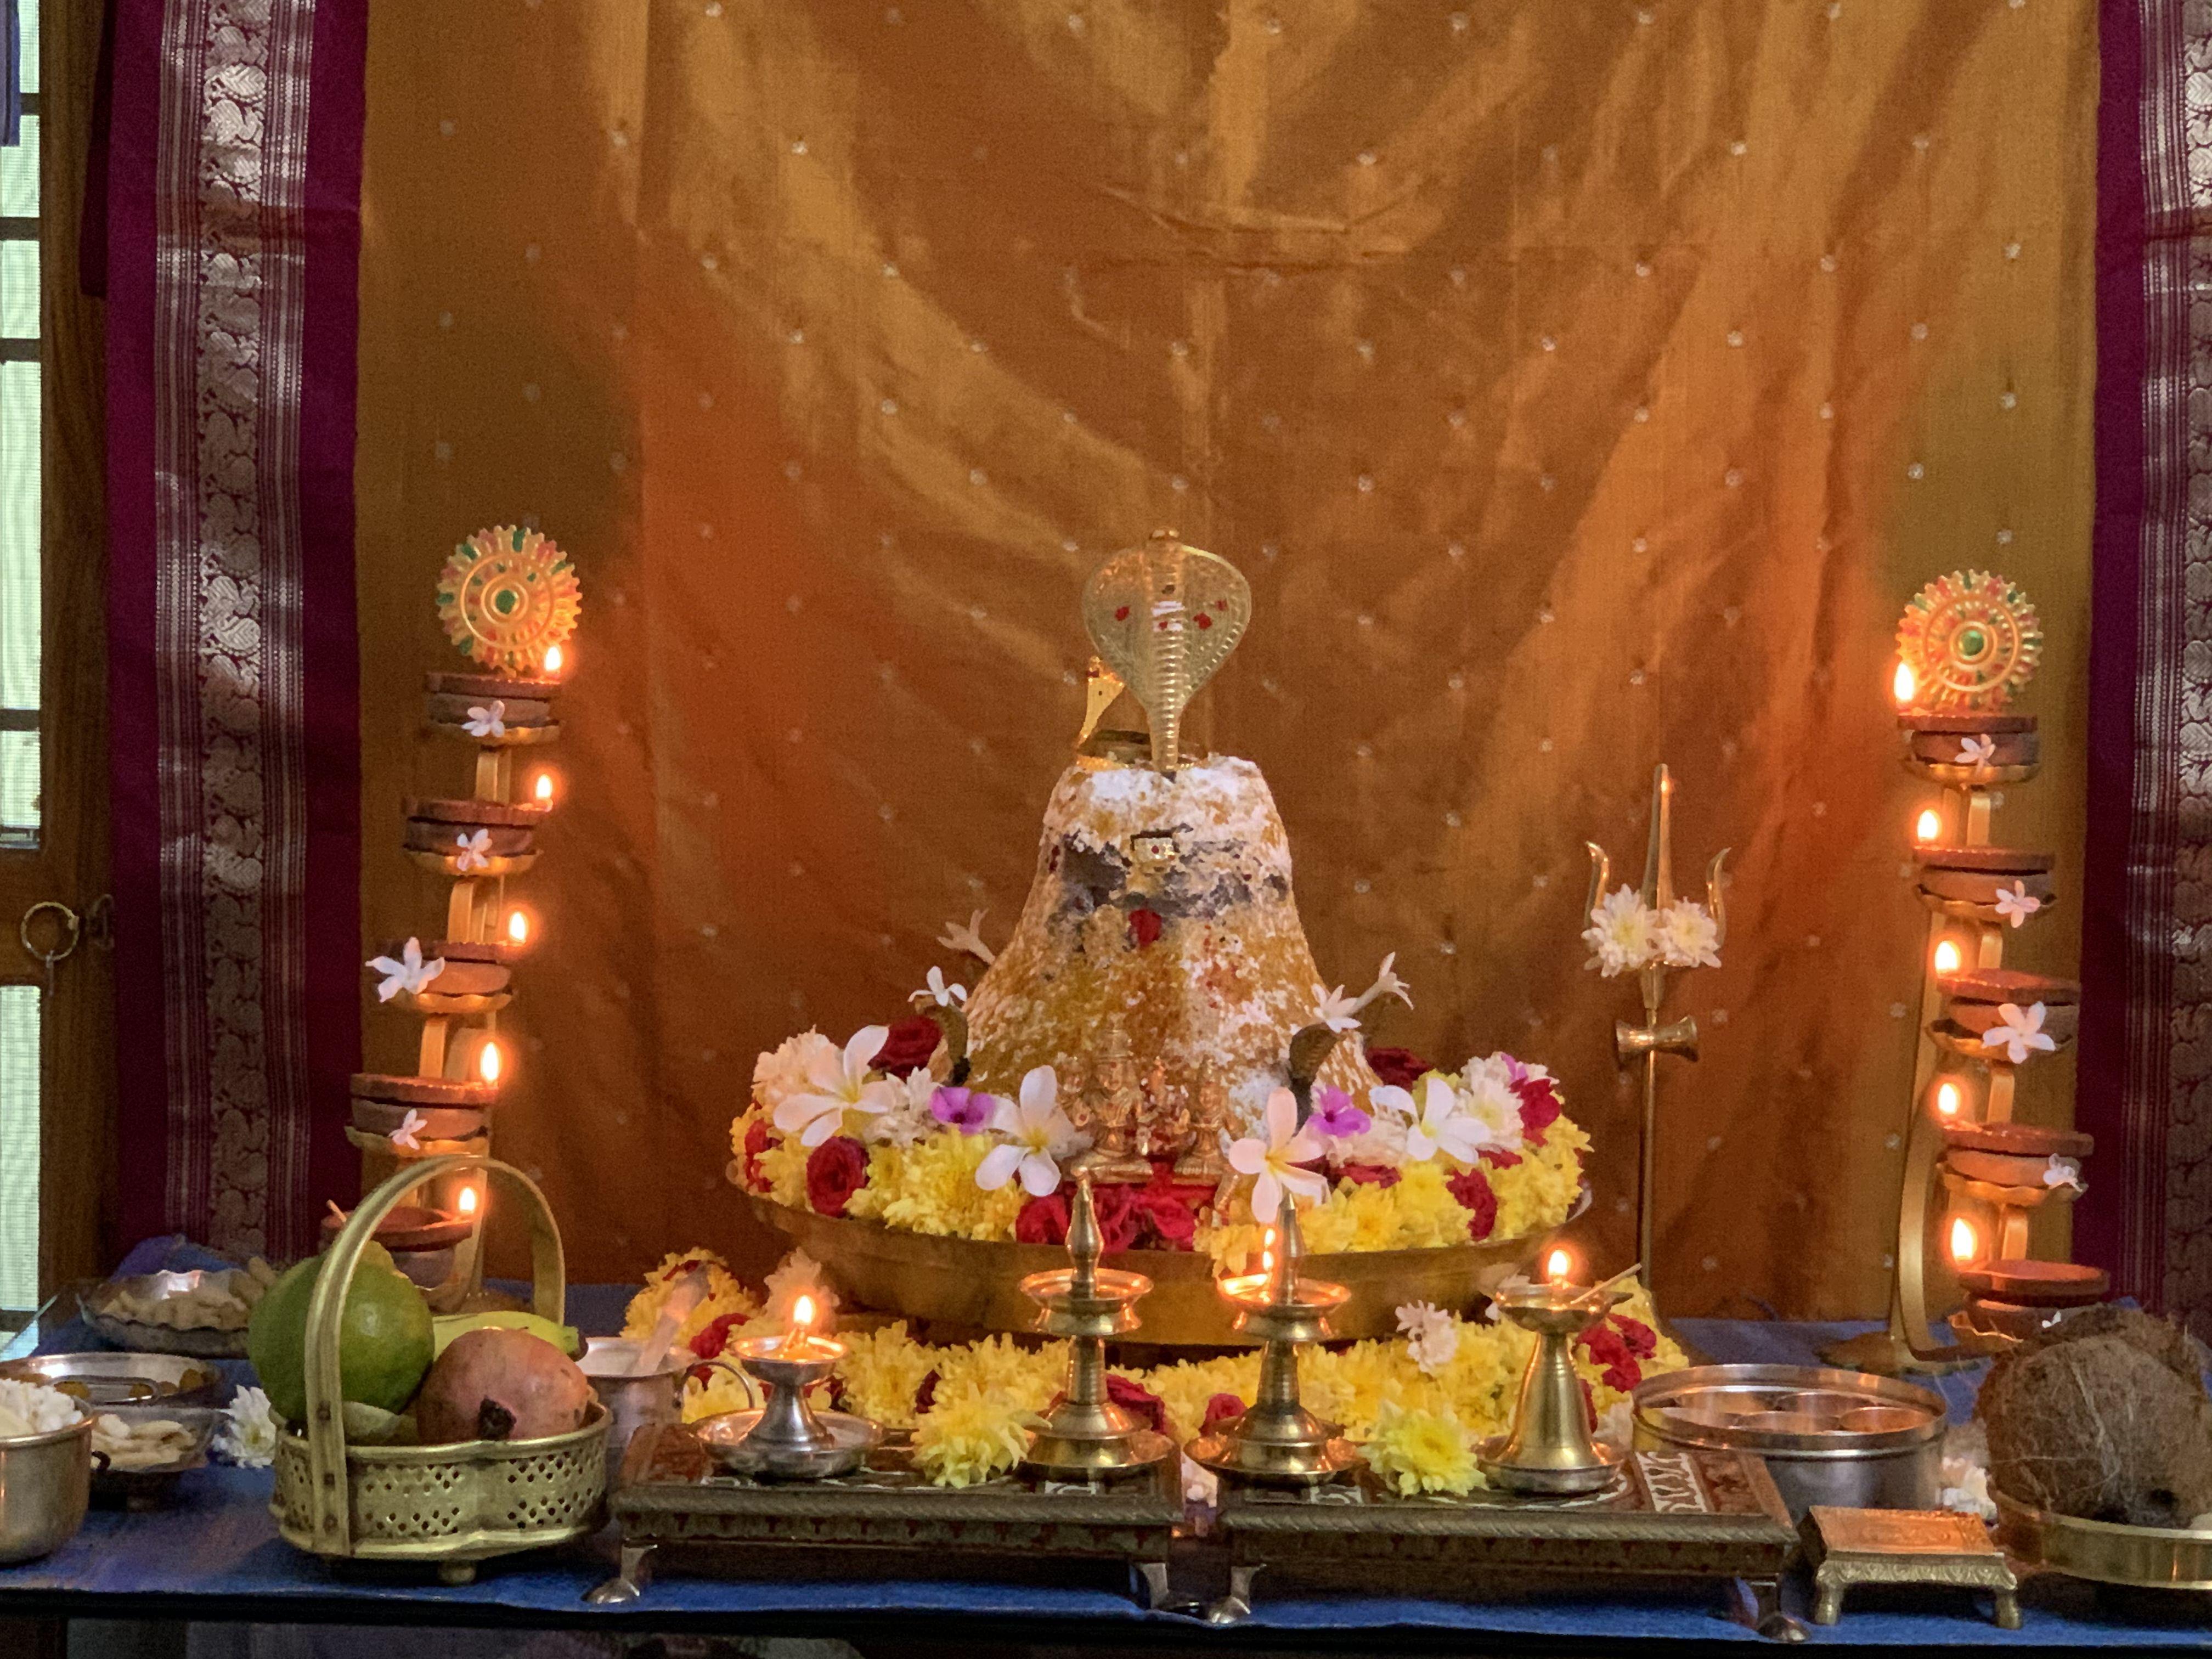 Pin by Penumatsa Neelu on Puja decorations Painting